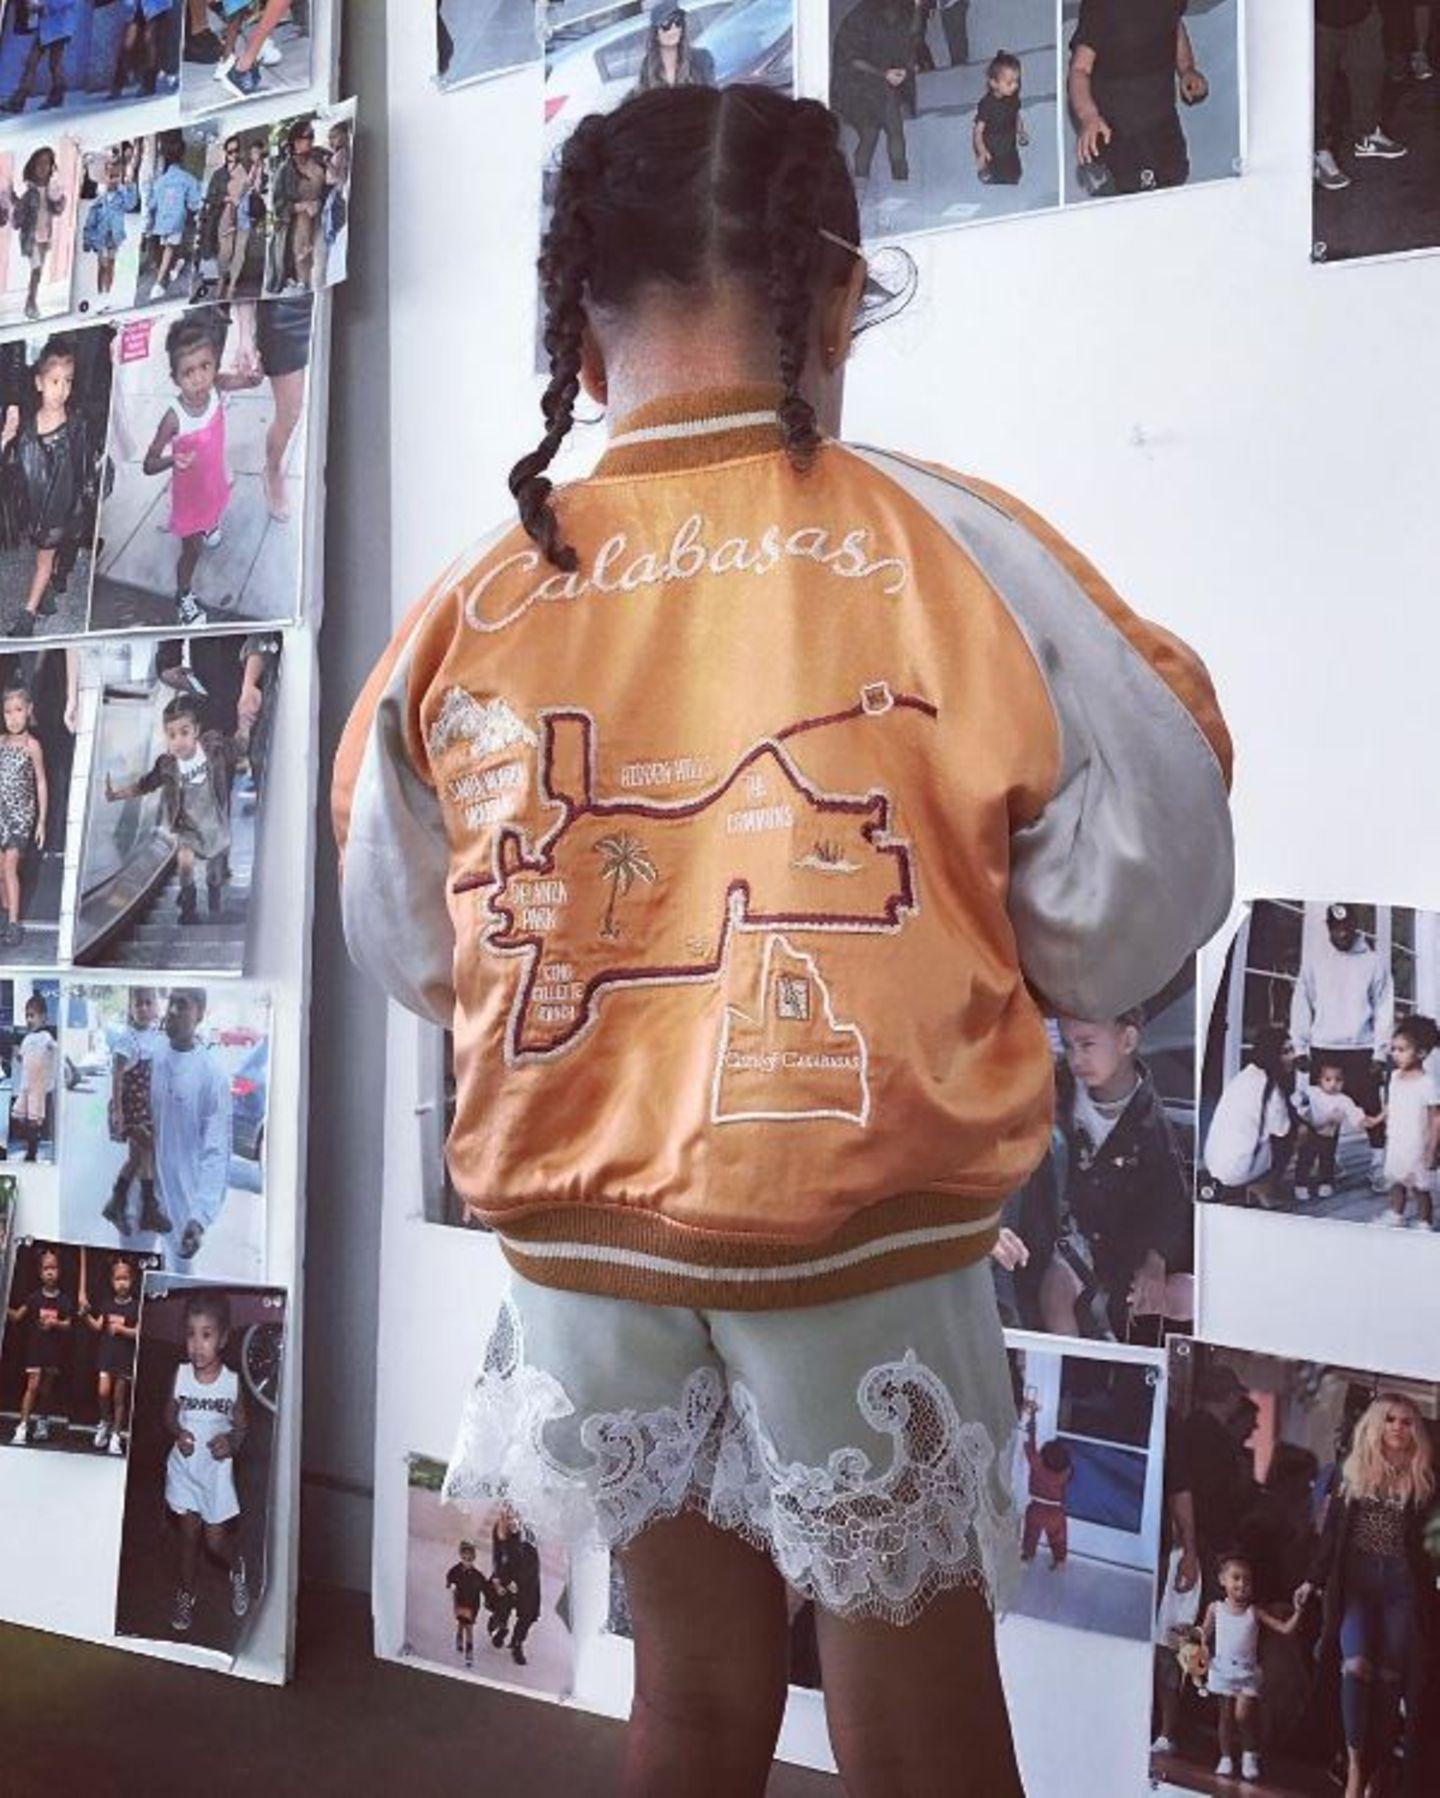 5. Mai 2017  Ganz schön lässig die kleine North. Oben sportlich unten schick, steht die Tochter von Kim und Kanye vor einer Fotowand mit Bildern von ihr und ihrer Familie.